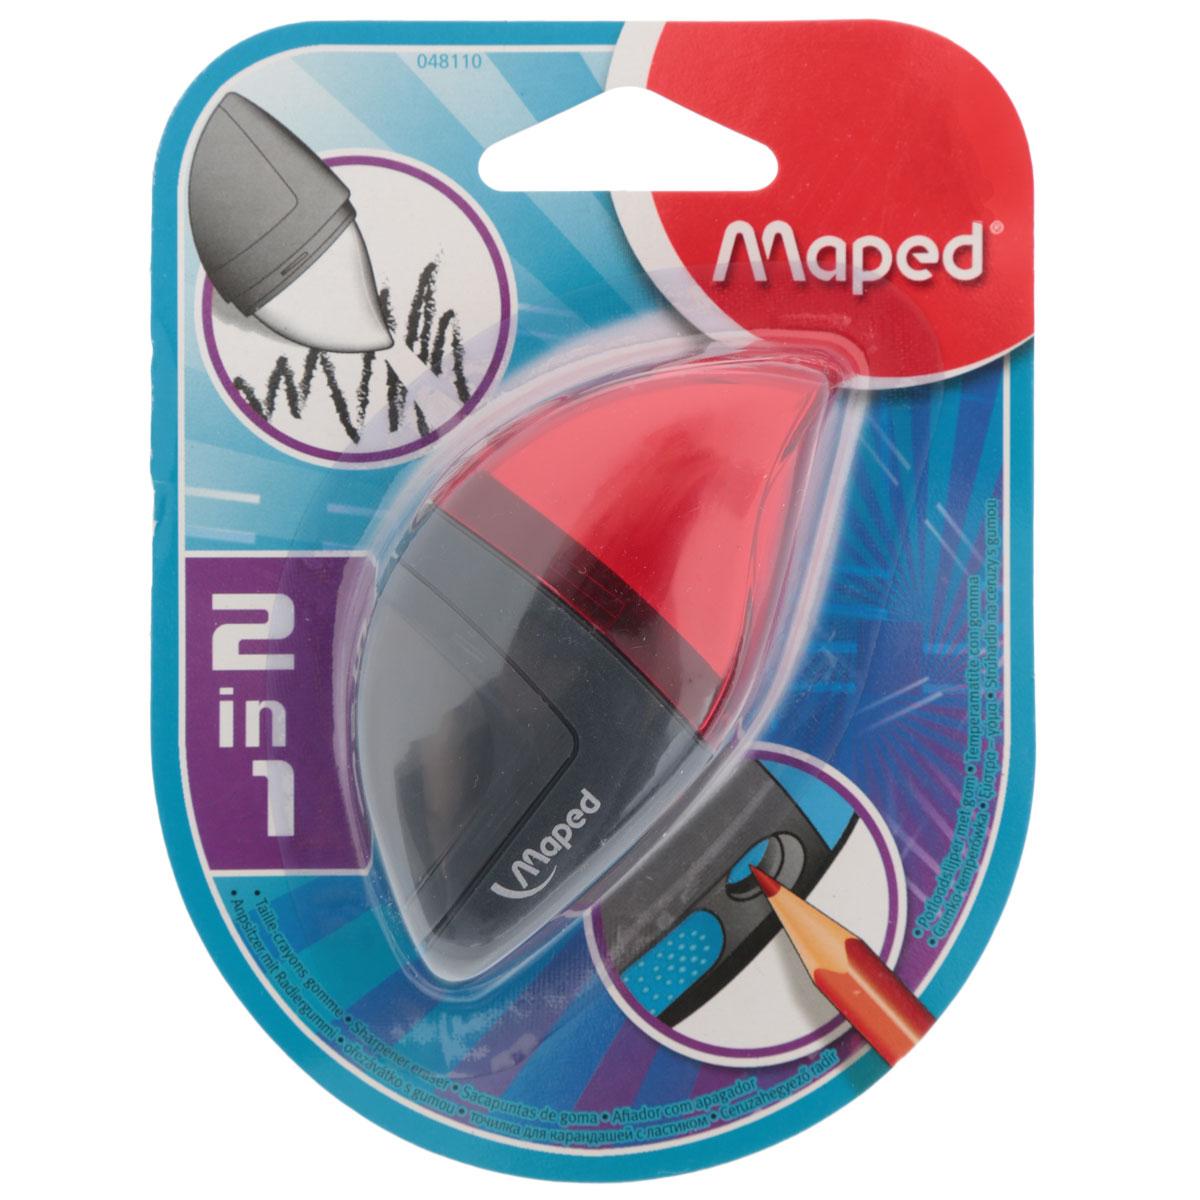 Точилка Maped Moondo, с ластиком, цвет: красный72523WDУдобная точилка в оригинальном пластиковом корпусе с крышкой Maped предназначена для затачивания карандашей. Острое стальное лезвие обеспечивает высококачественную и точную заточку. Карандаш затачивается легко и аккуратно, а опилки после заточки остаются в специальном контейнере.Точилка снабжена ластиком, закрывающимся колпачком.